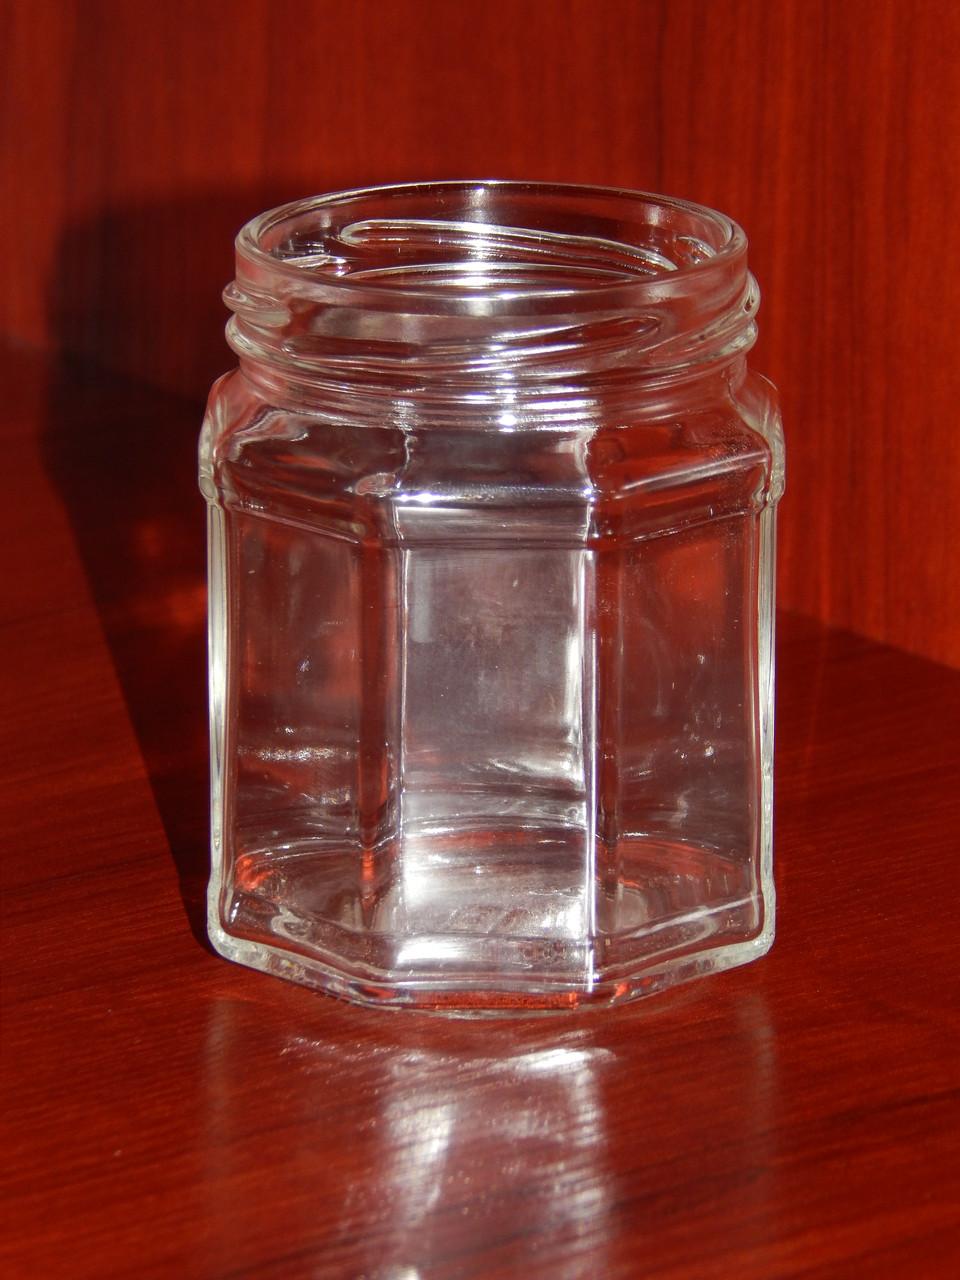 Банка стеклянная 229 мл с горловиной твист 63 мм восьмигранная (20 штук в упаковке) - фото 1